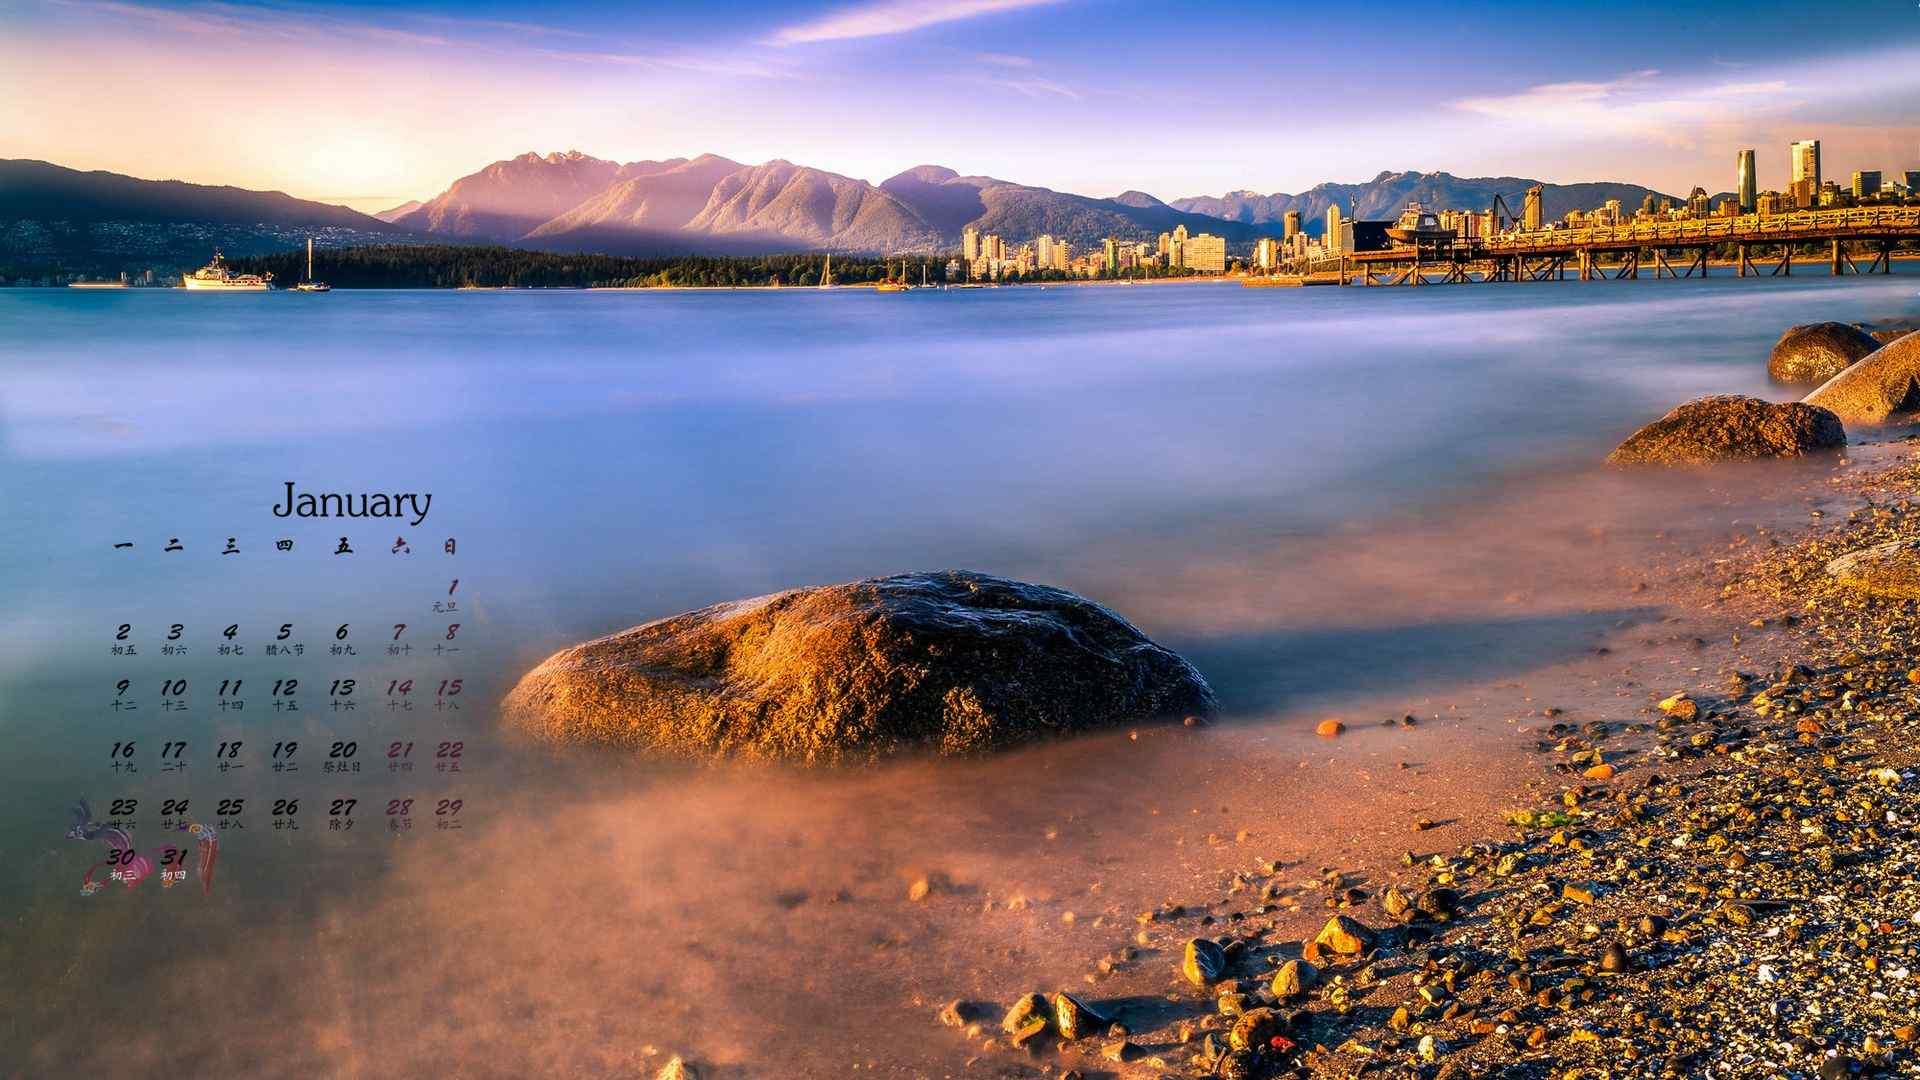 2017年1月日历温哥华基斯兰奴海滩晚霞风景图片